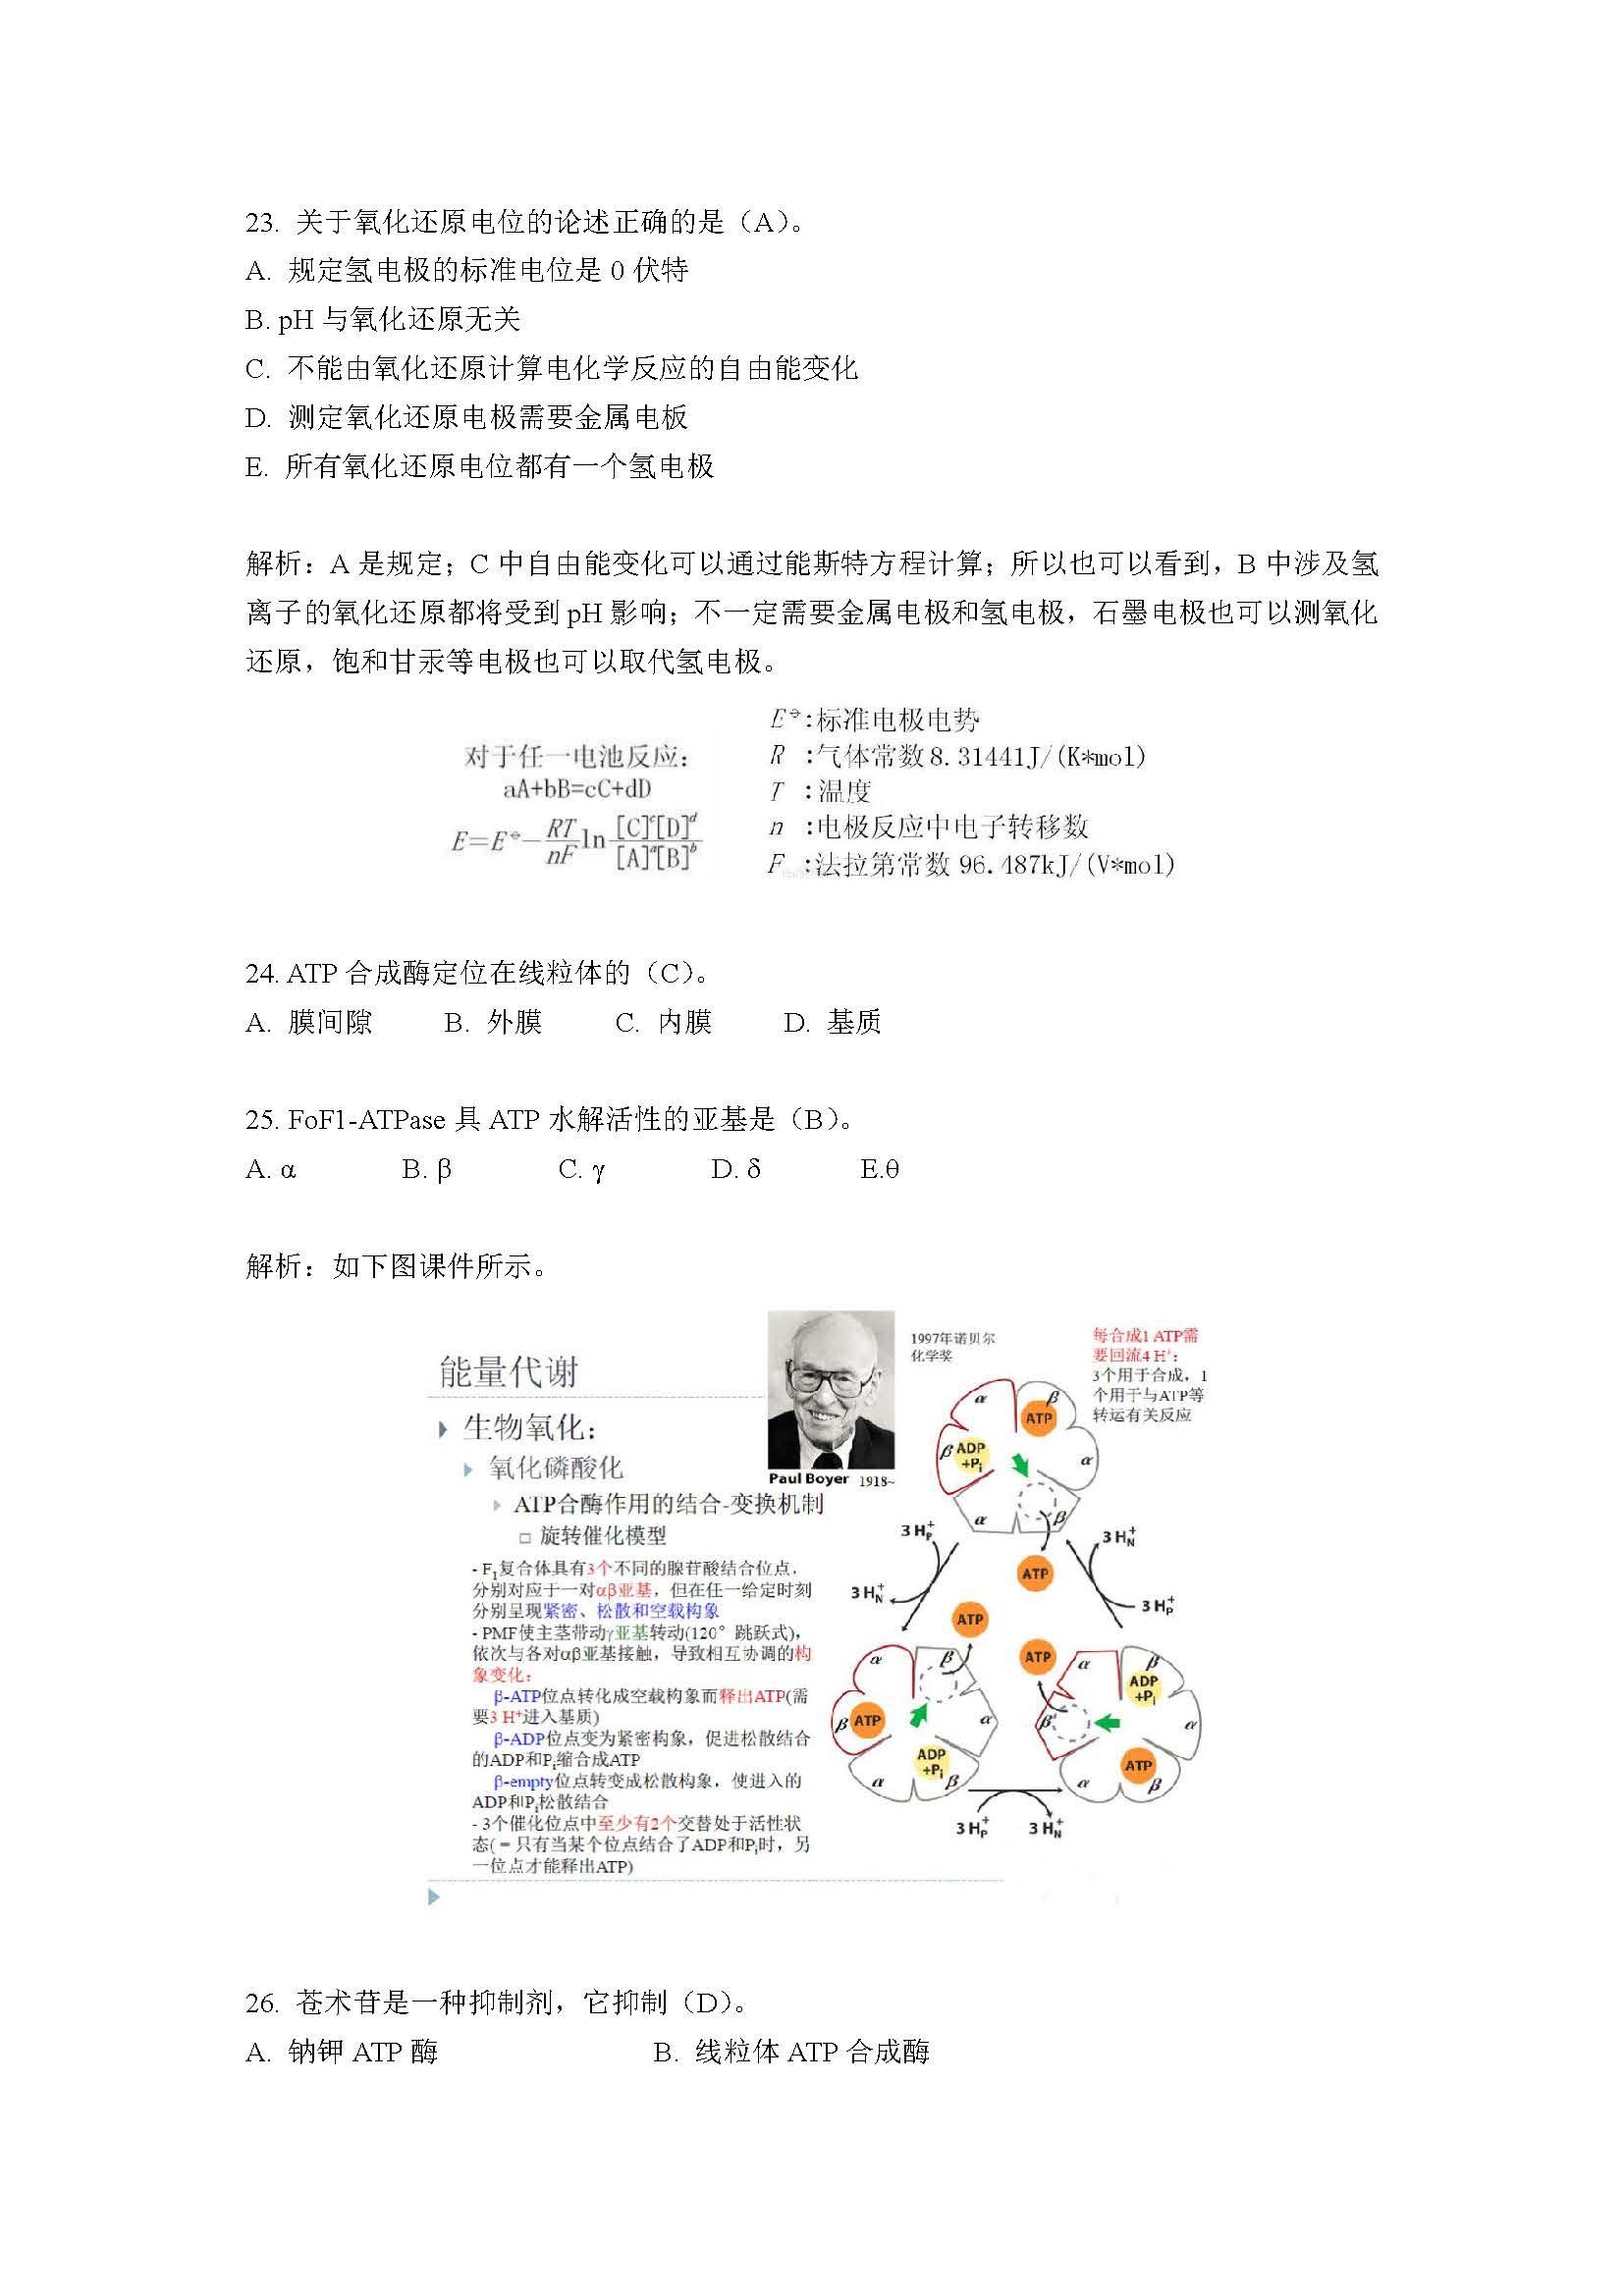 05 2015清华金秋营笔试模拟题答案简析_页面_10